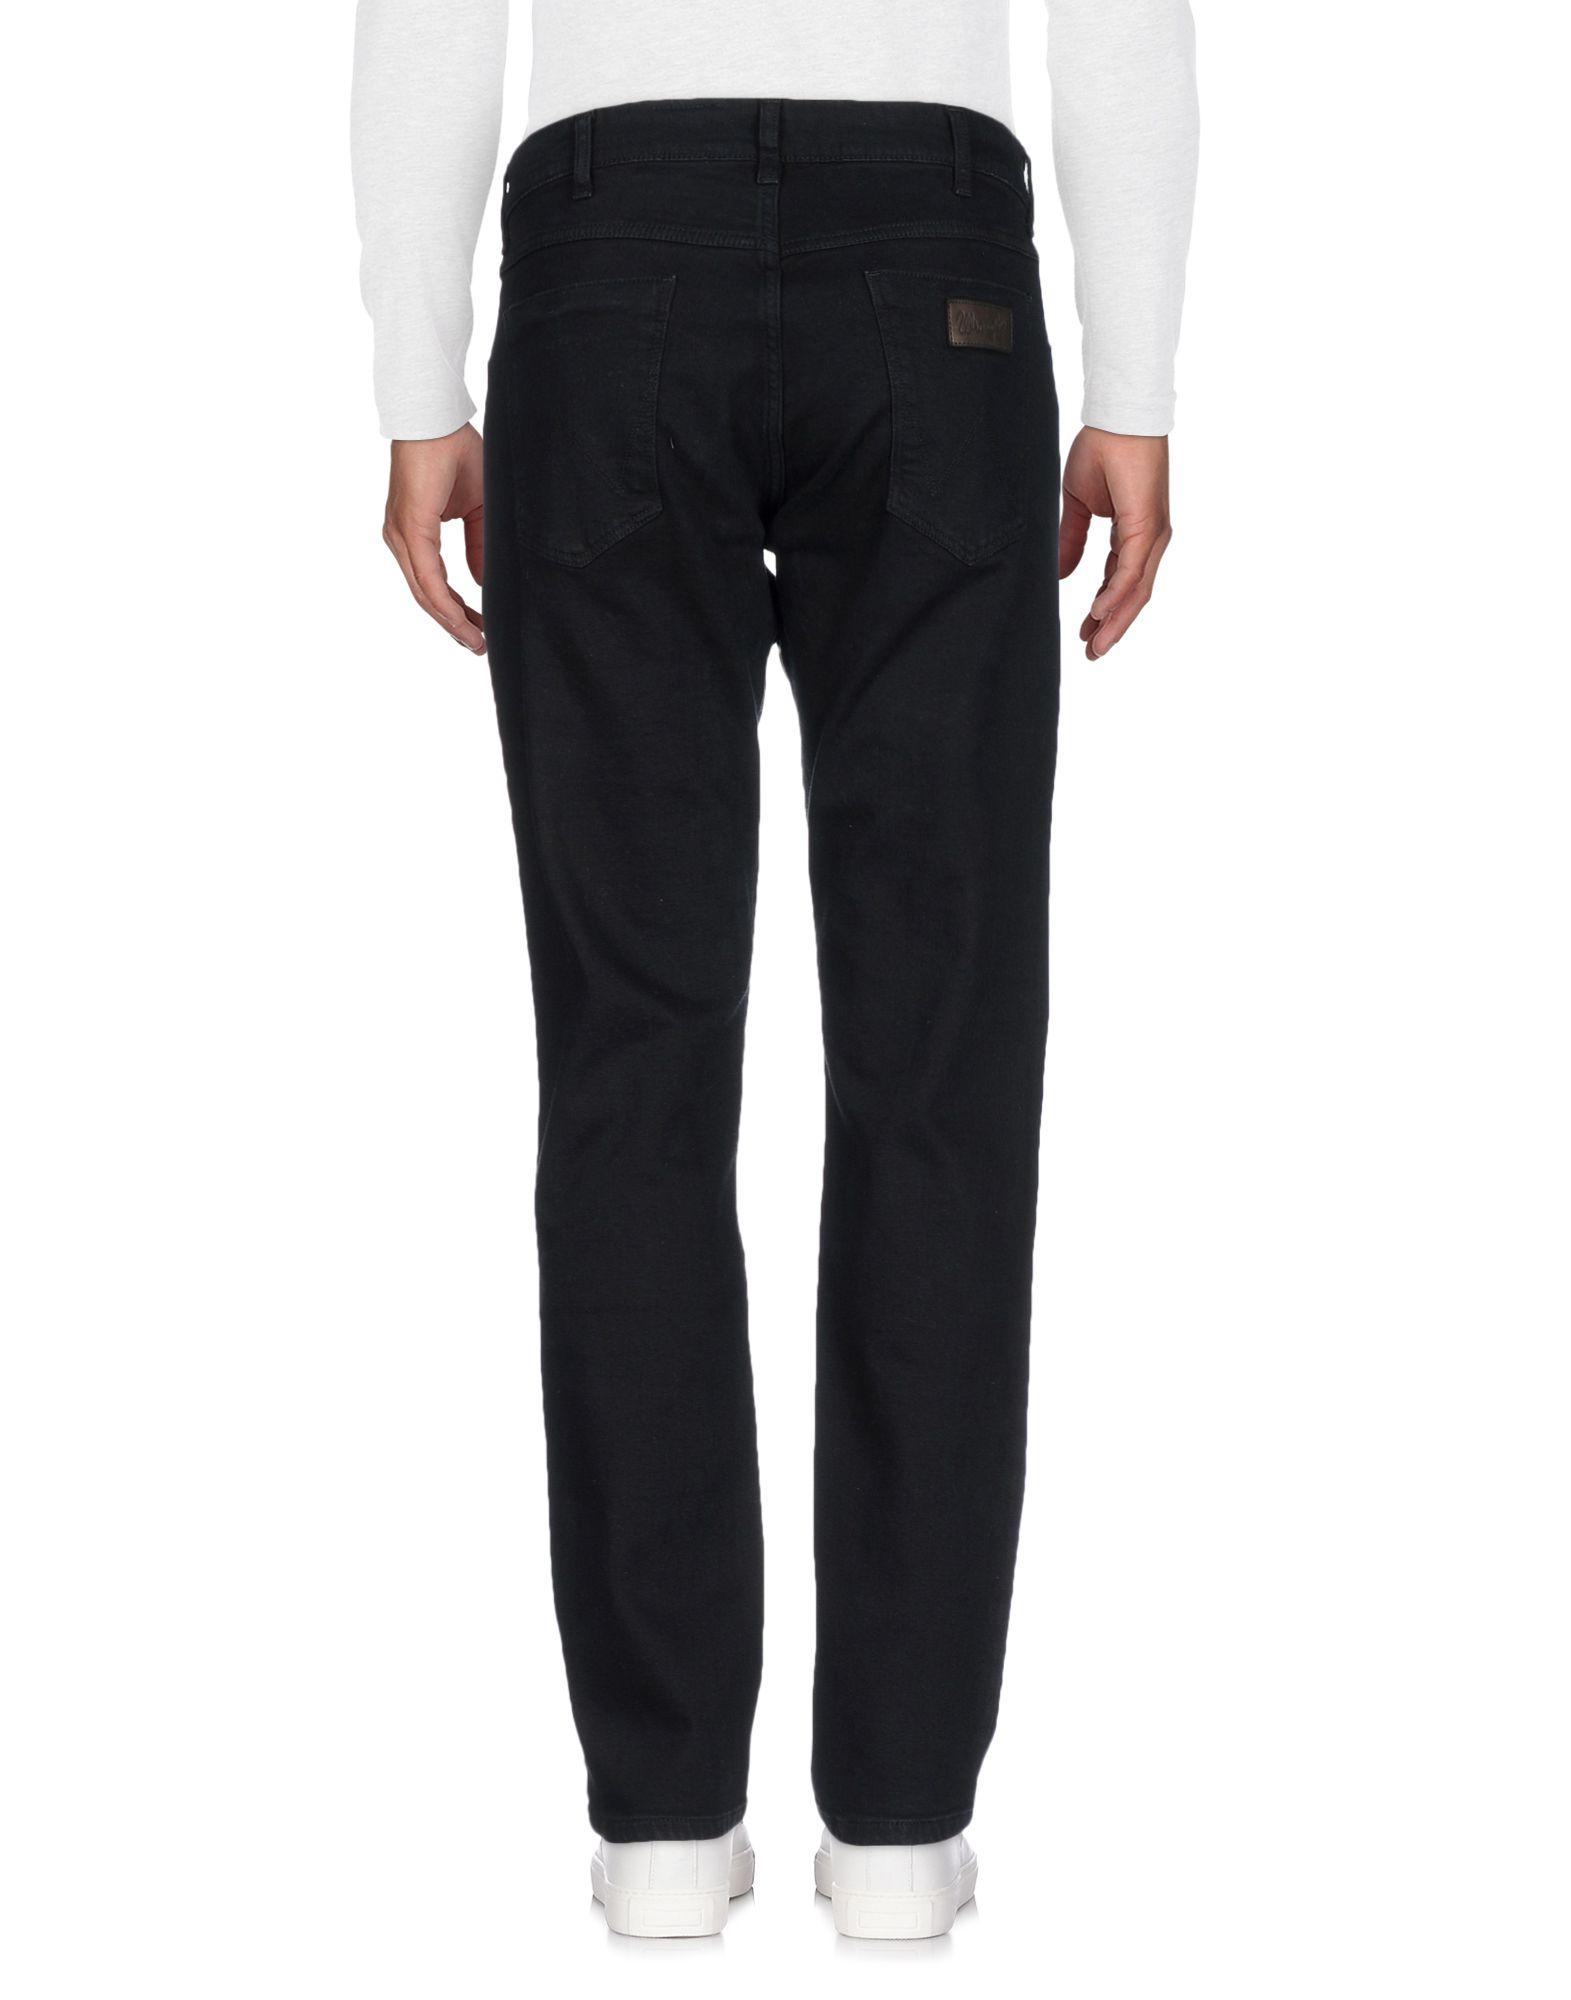 Pantaloni Jeans Jeans Pantaloni Wrangler Uomo - 42676874CQ 332218